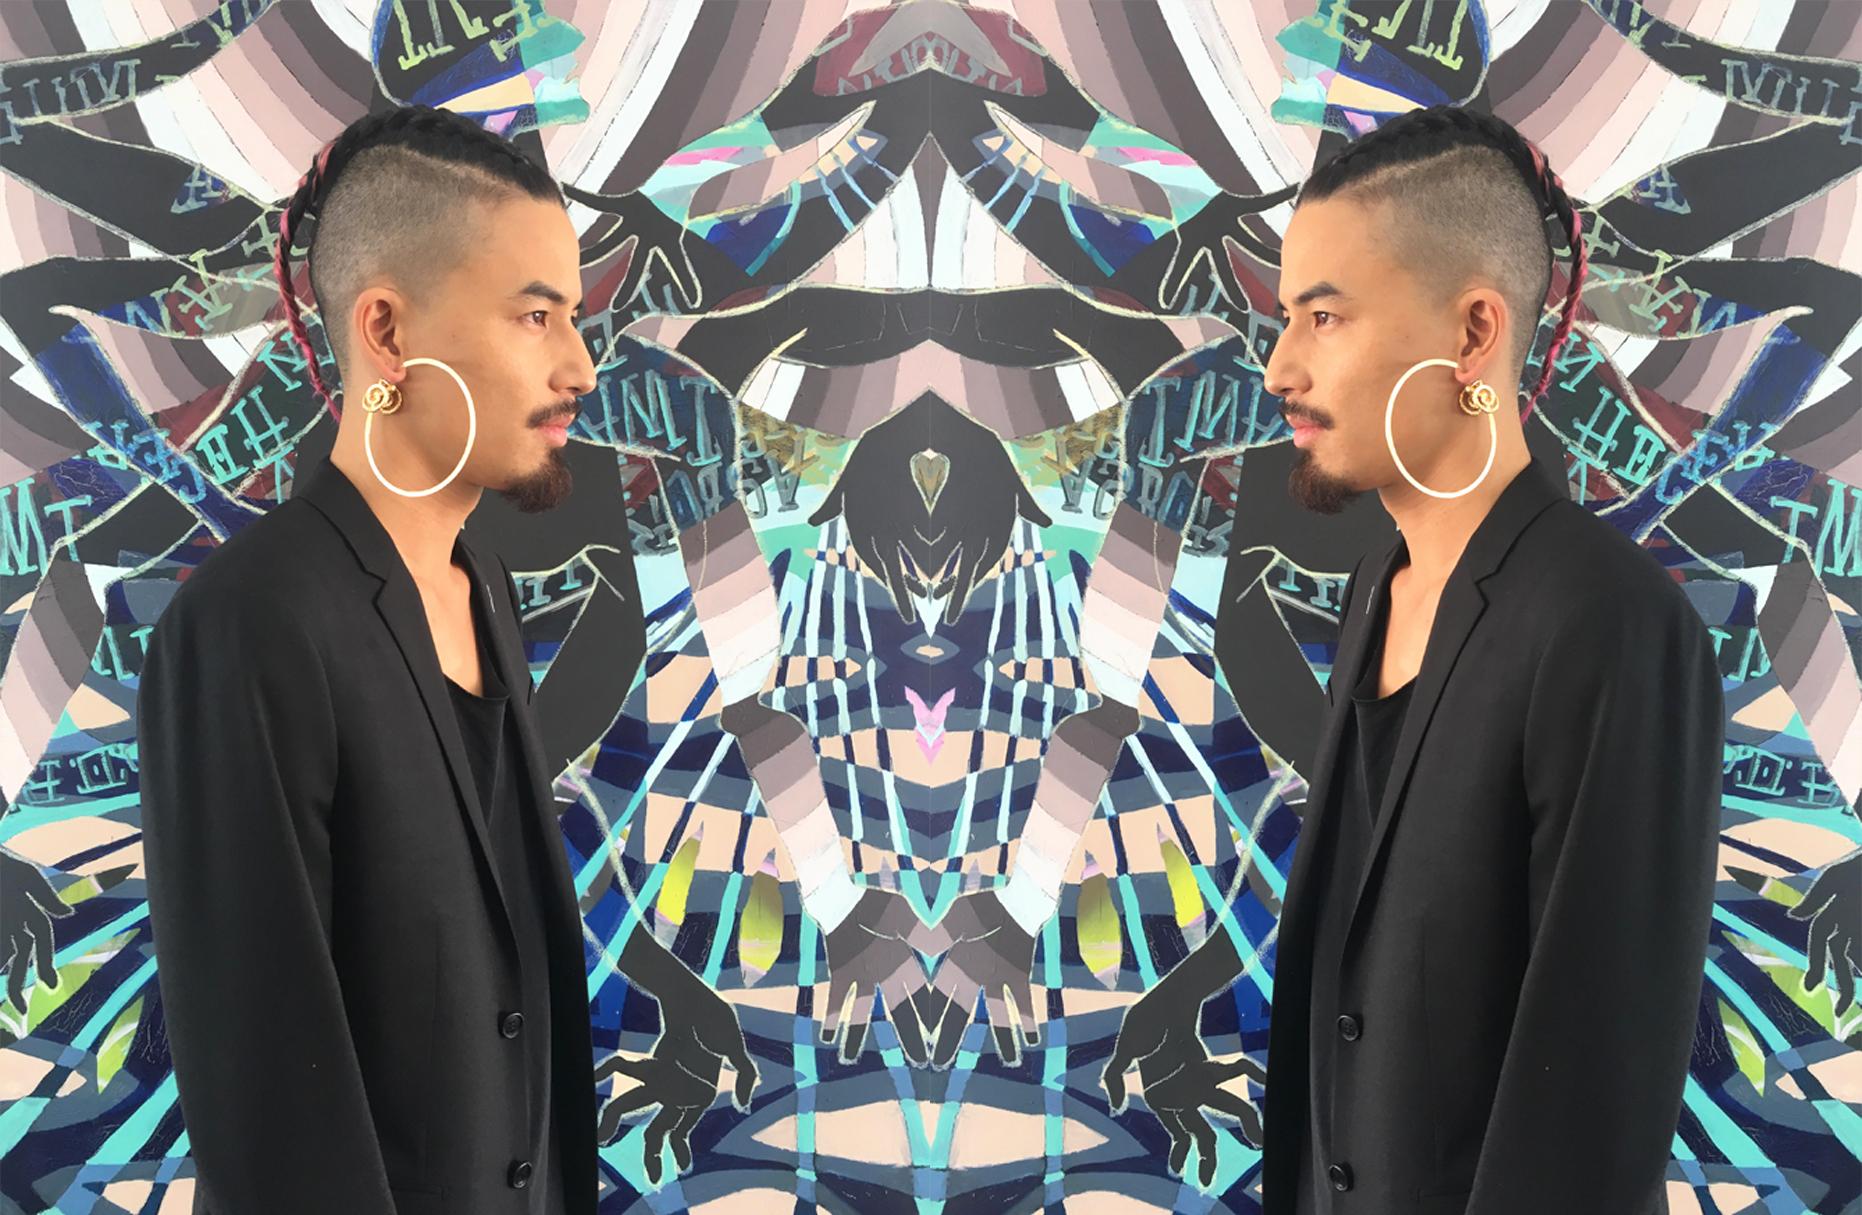 harpers_bazaar_truc_anh_la_fiancee_du_facteur_jewelry_earrings.jpg